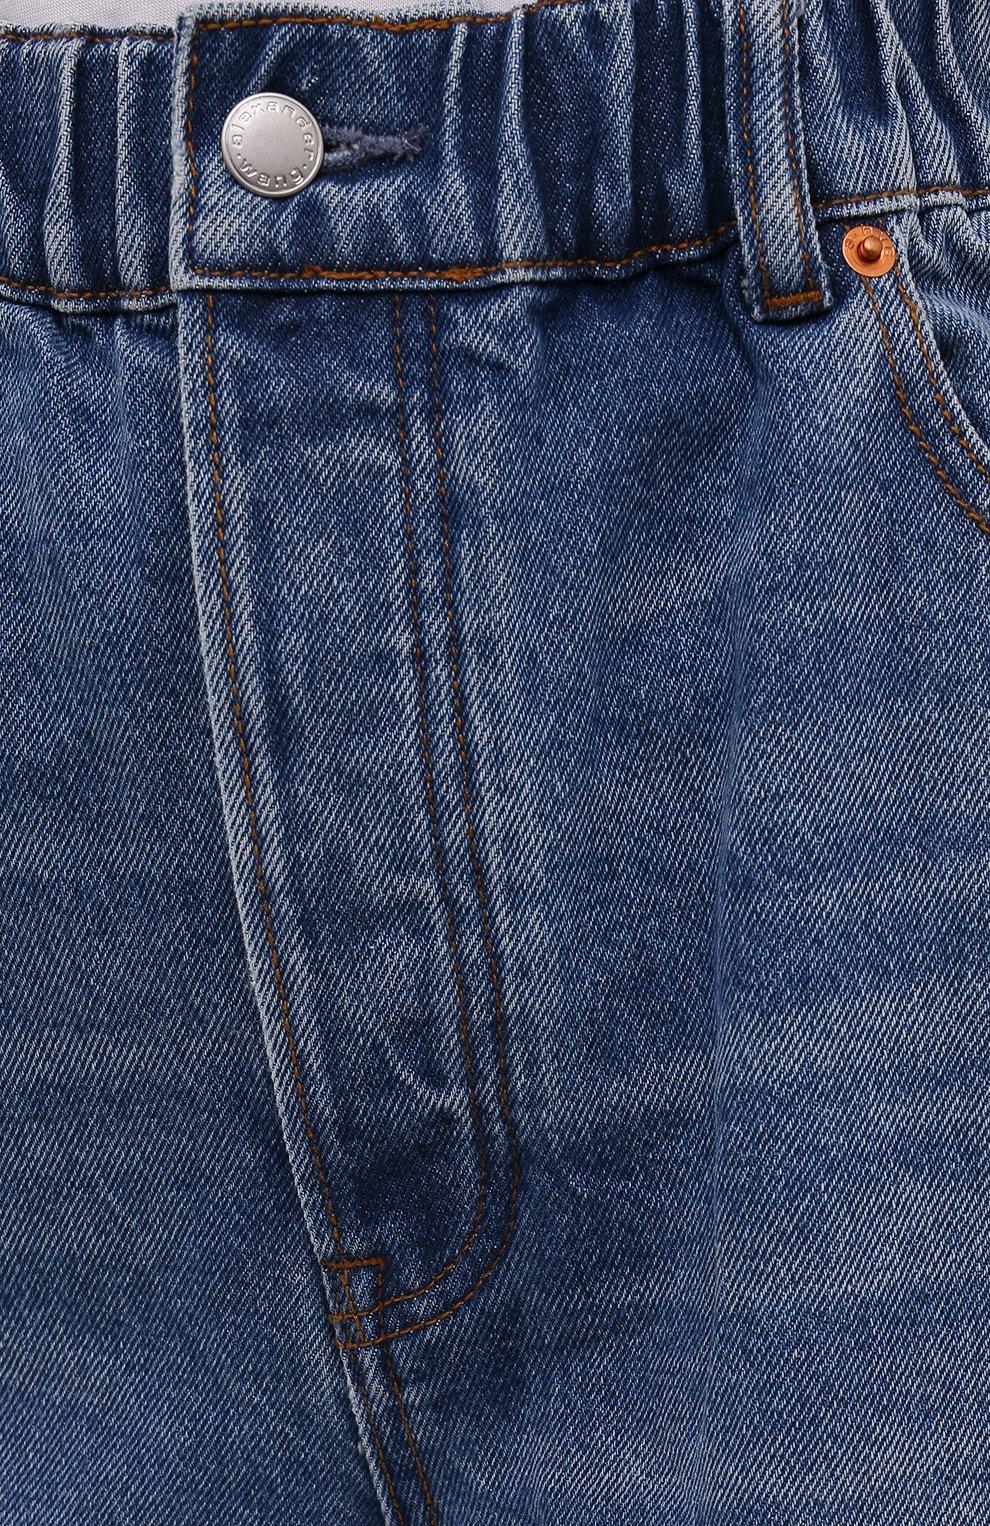 Женские джинсовые шорты DENIM X ALEXANDER WANG синего цвета, арт. 4DC4214034   Фото 5 (Женское Кросс-КТ: Шорты-одежда; Кросс-КТ: Деним, Широкие; Материал внешний: Хлопок; Длина Ж (юбки, платья, шорты): Миди; Стили: Кэжуэл)